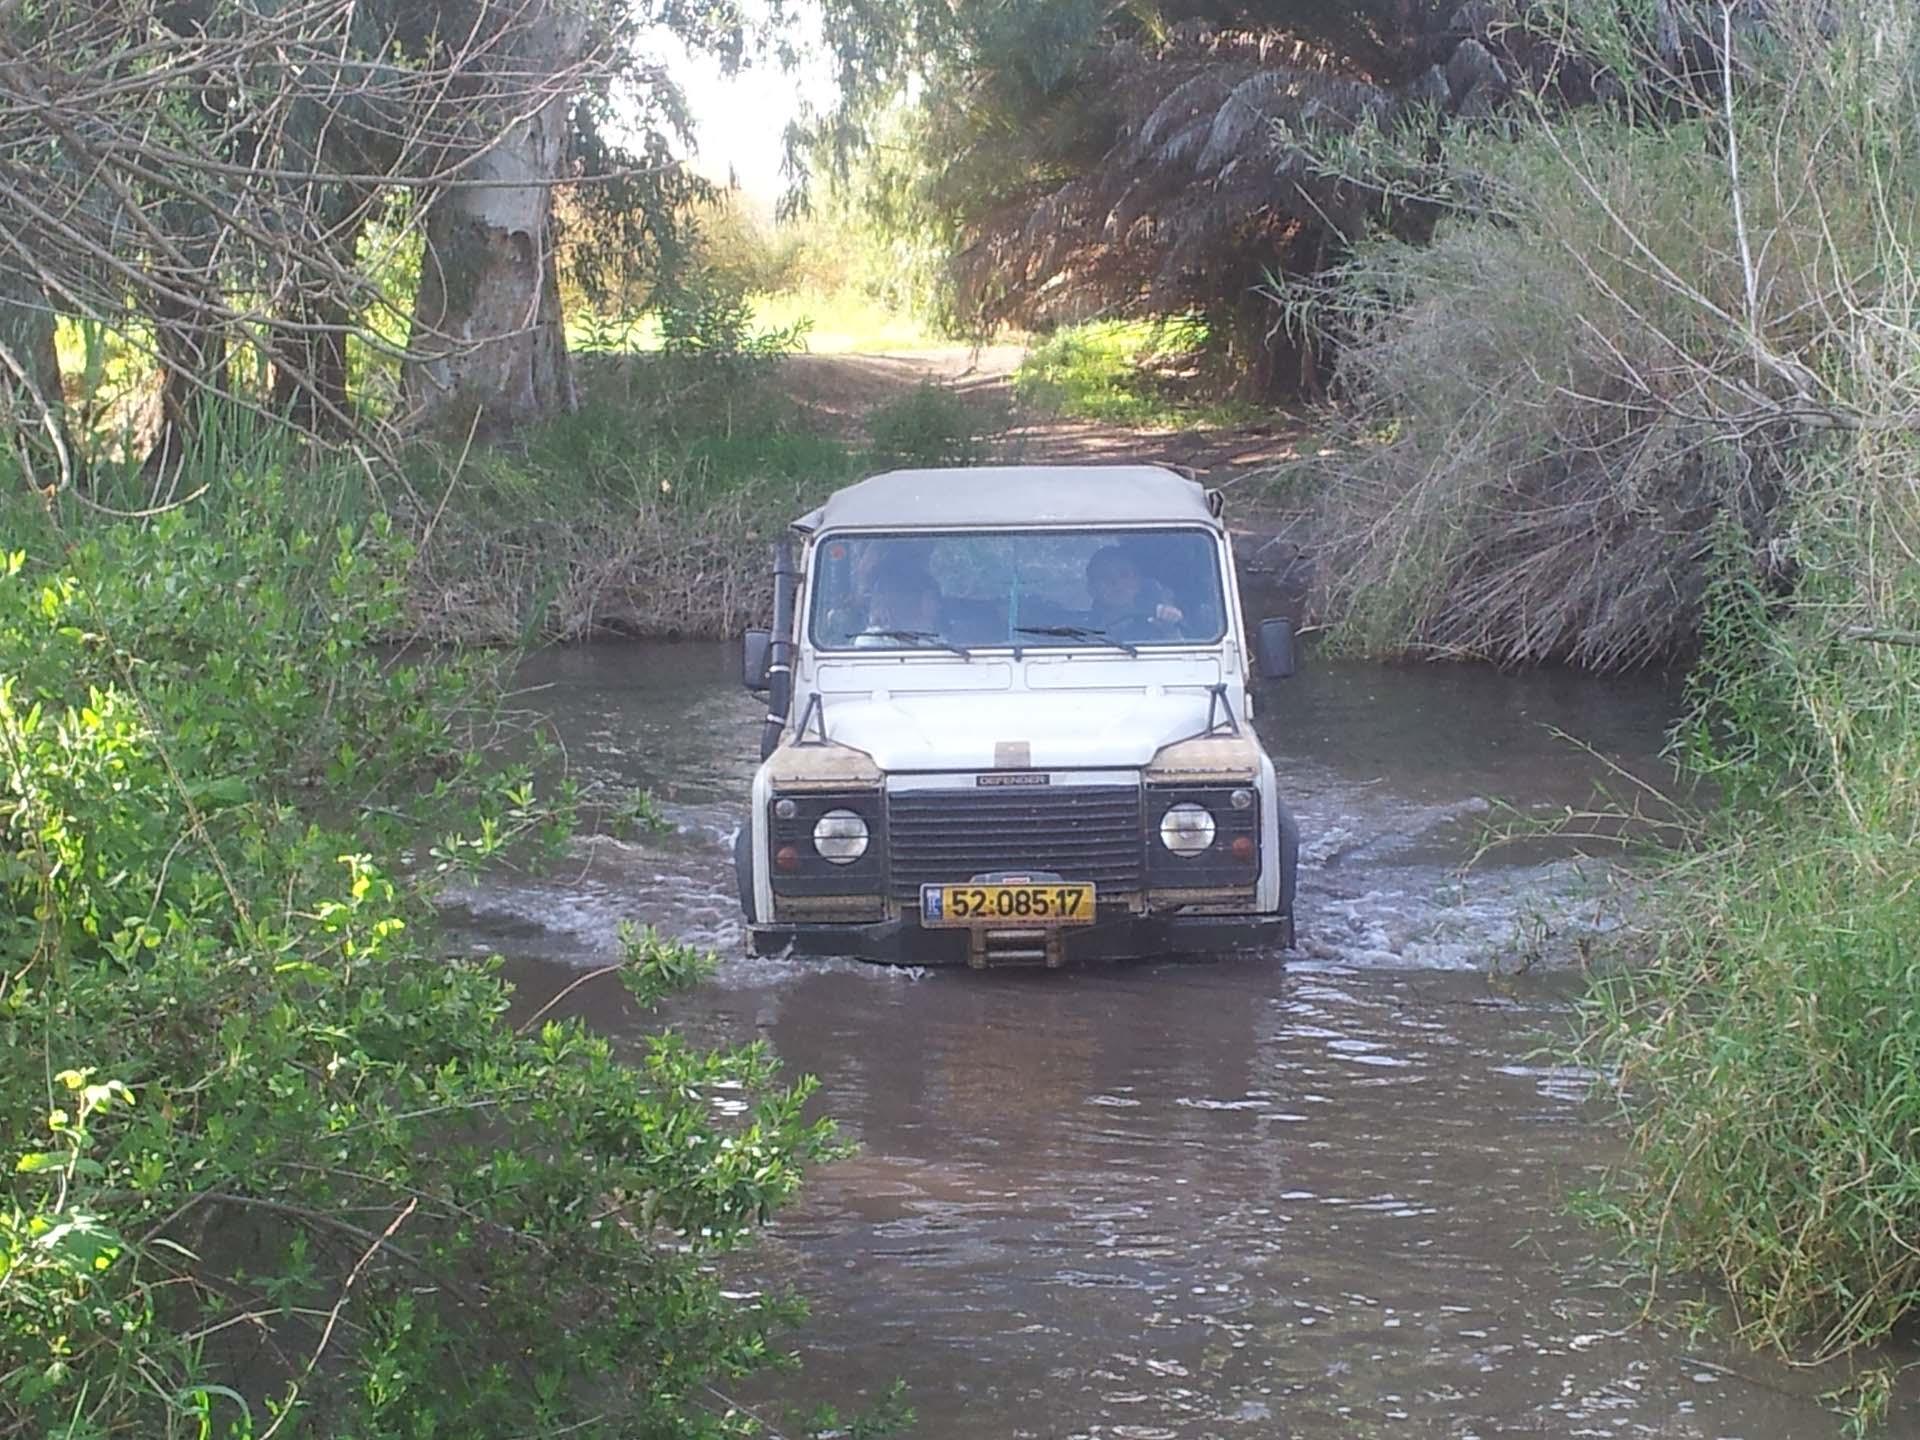 טיול ג׳יפים עם מים ג׳יפ חוצה נחל פלגי בזלת